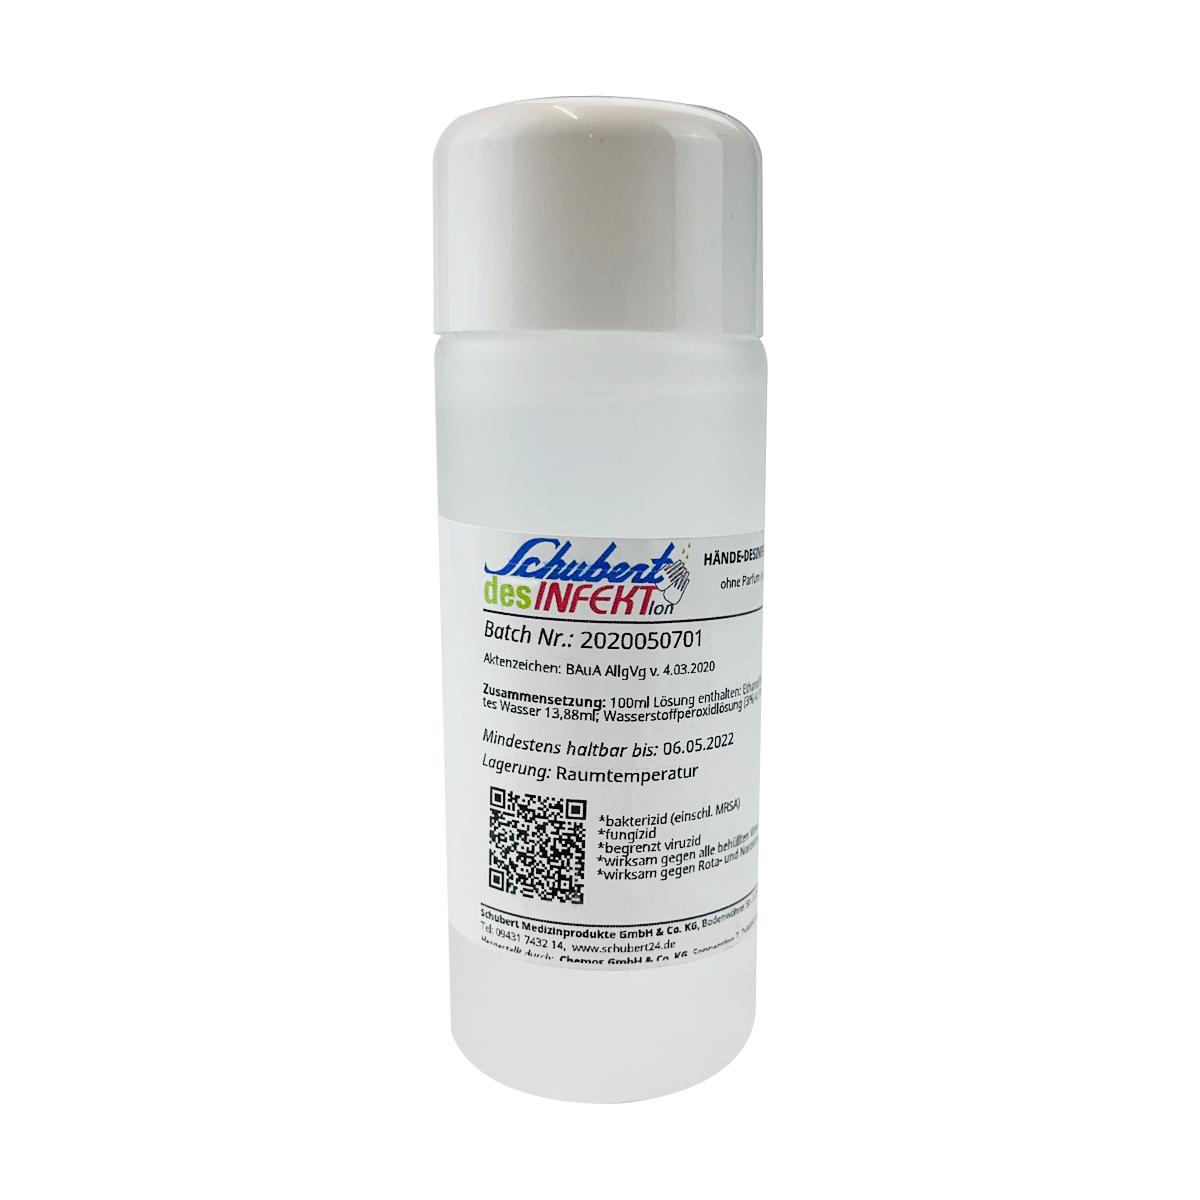 Händedesinfektion - Schubert desINFEKTion - 100 ml